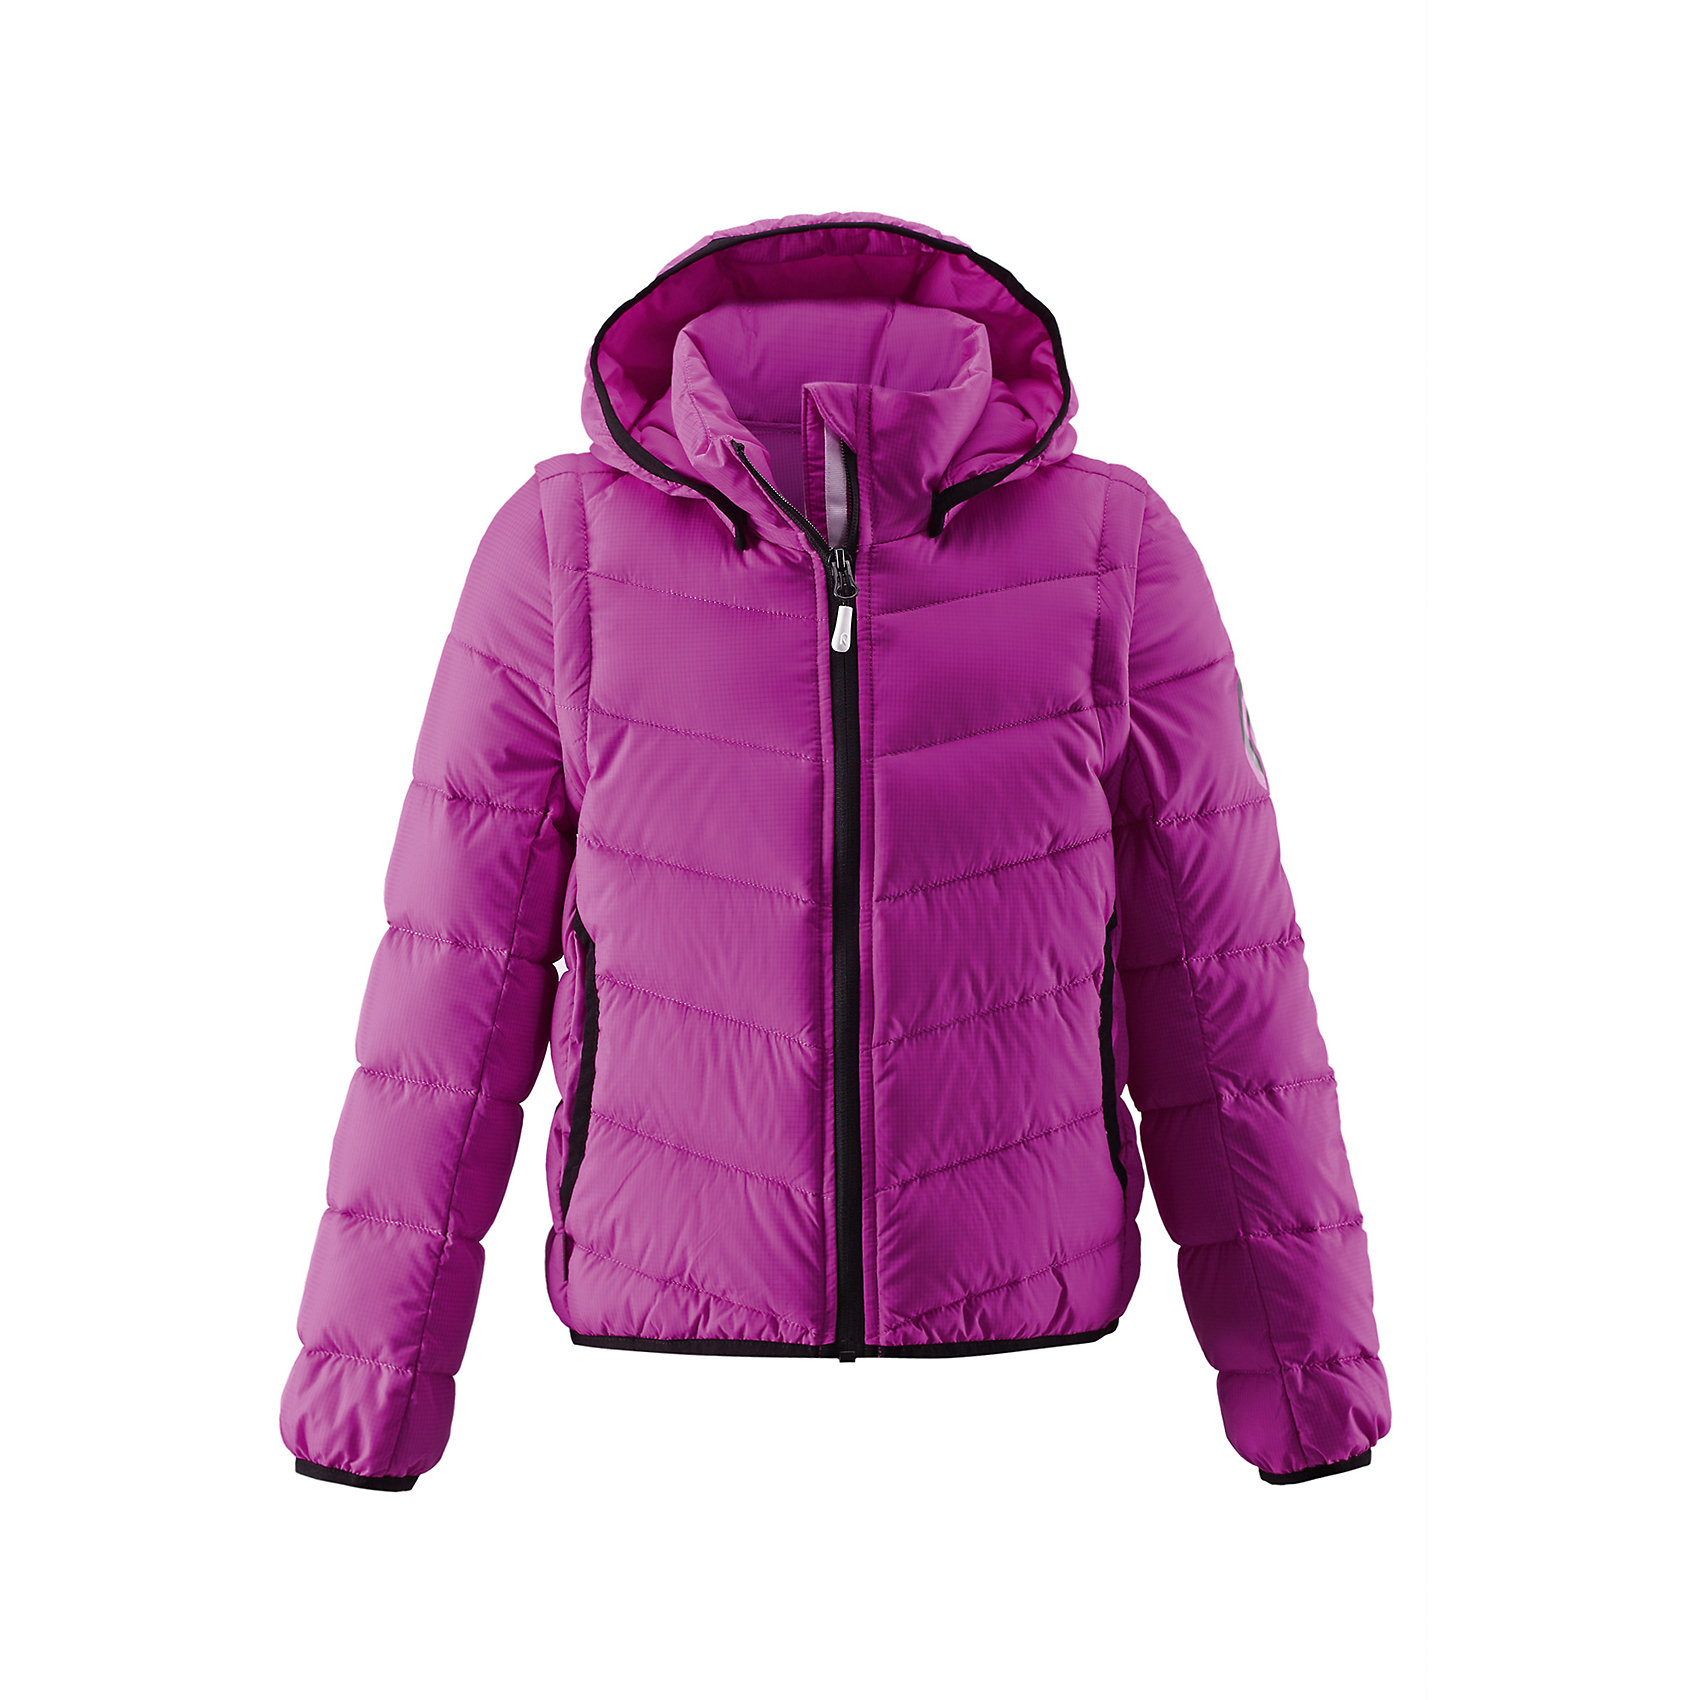 Куртка для девочки ReimaВ одной две — веселей вдвойне! Эта очень легкая, но при этом теплая и практичная слегка удлиненная куртка для подростков будет превосходным выбором для конца зимы и ранней весны. В ней ваша девочка будет тепло и красиво одета, куртка пригодится как для веселых игр во дворе, так и для прогулки по городу. Отстегнув рукава, вы в одно мгновение превратите ее в жилетку! Съемный капюшон безопасен и обеспечивает дополнительную защиту для головы и щечек в ветреный день. Станет идеальным вариантом на каждый день и лучшим другом в турпоходе!<br><br>Дополнительная информация:<br><br>Пуховая куртка для подростков<br>Облегченный материал!<br>Безопасный, съемный капюшон<br>Эластичная резинка на кромке капюшона, манжетах и подоле<br>Отстегивающиеся рукава на молнии<br>Карманы в боковых швах<br>Состав:<br>100% ПА<br>Уход:<br>Стирать по отдельности. Перед стиркой отстегните искусственный мех. Застегнуть молнии и липучки. Стирать моющим средством, не содержащим отбеливающие вещества. Полоскать без специального средства. Во избежание изменения цвета изделие необходимо вынуть из стиральной машинки незамедлительно после окончания программы стирки. Барабанное сушение при низкой температуре с 3 теннисными мячиками. Выверните изделие наизнанку в середине сушки.<br><br>Ширина мм: 356<br>Глубина мм: 10<br>Высота мм: 245<br>Вес г: 519<br>Цвет: розовый<br>Возраст от месяцев: 36<br>Возраст до месяцев: 48<br>Пол: Женский<br>Возраст: Детский<br>Размер: 104,110,116,128,134,140,152,164,122,158,146<br>SKU: 4496876